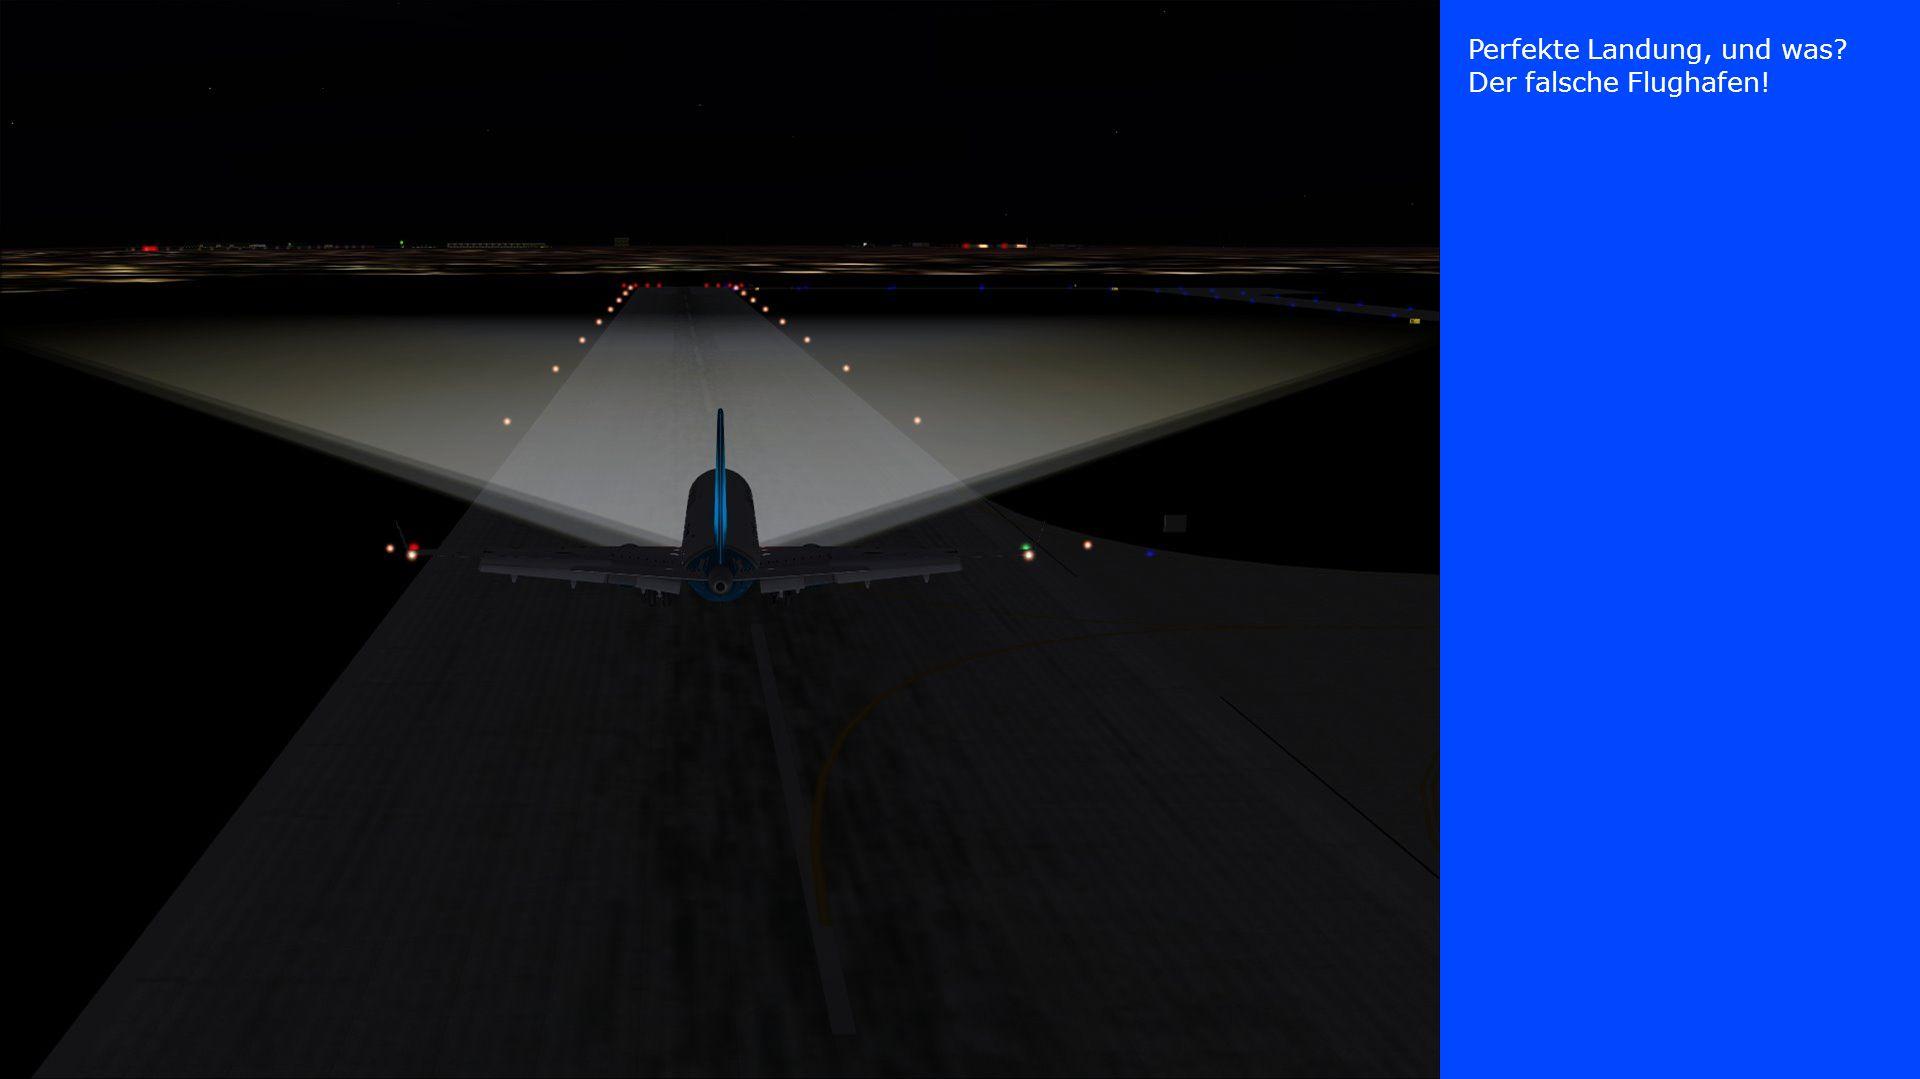 Perfekte Landung, und was? Der falsche Flughafen!